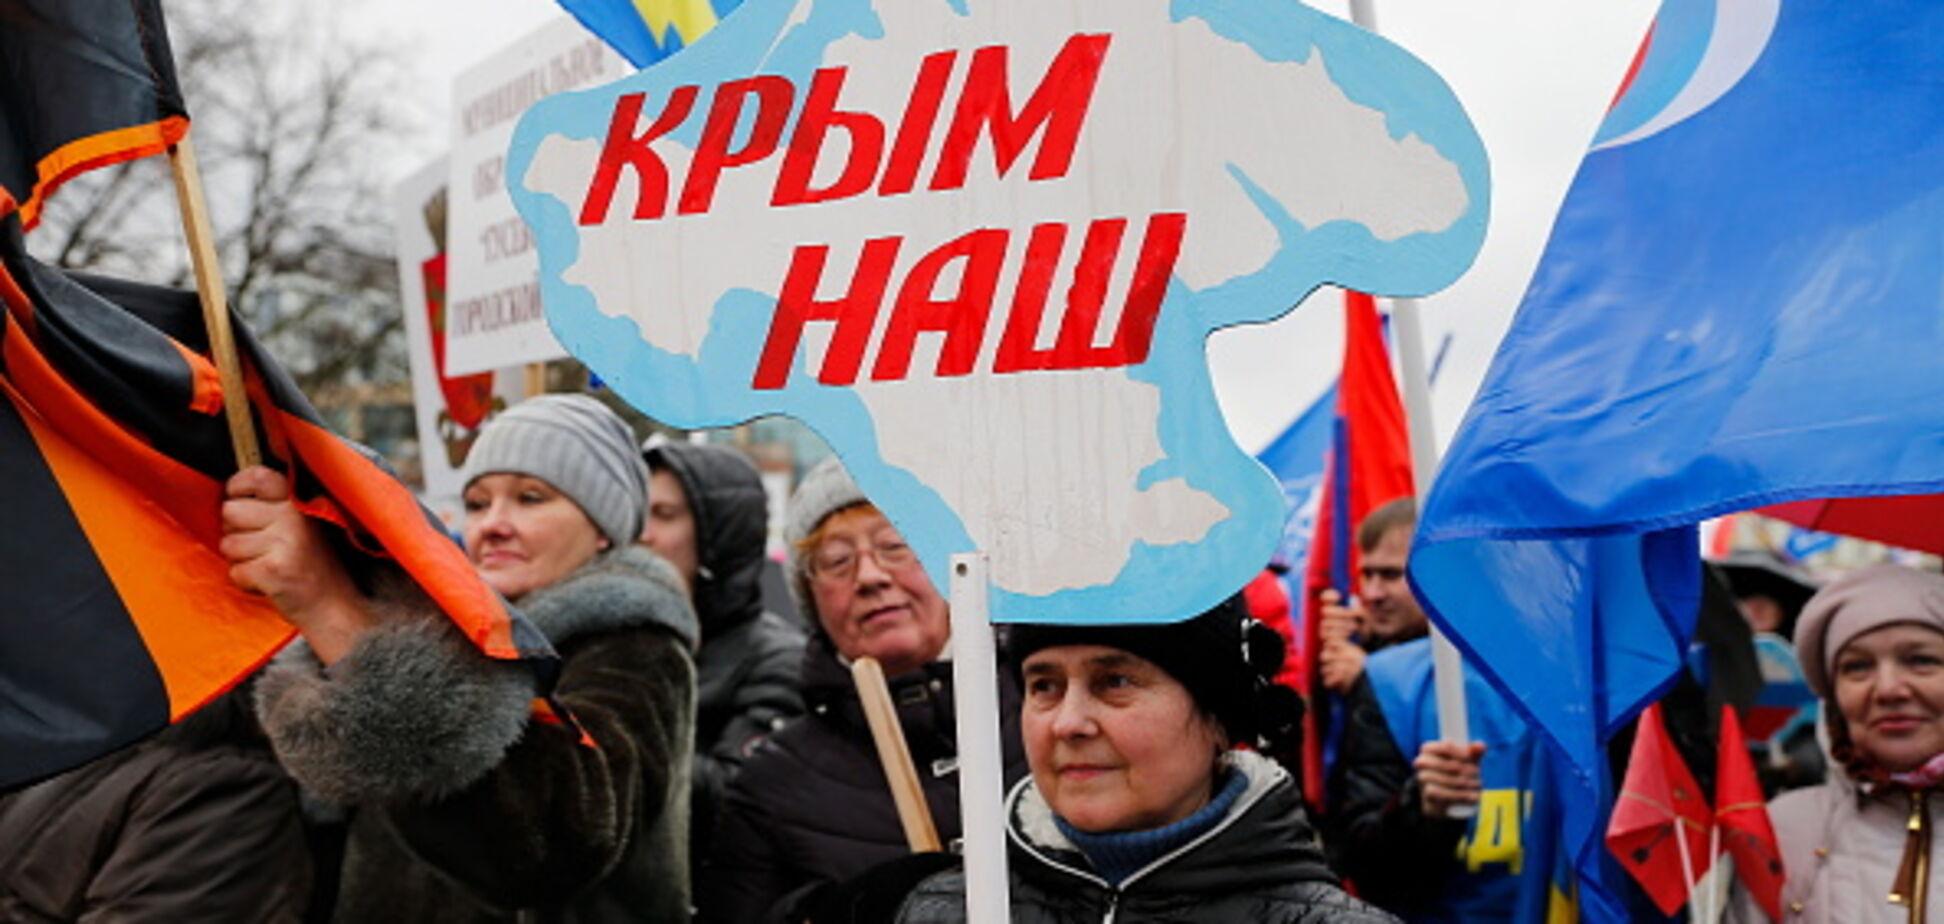 'Никаких иллюзий': Селезнев рассказал, что ждет Украину после возврата Крыма